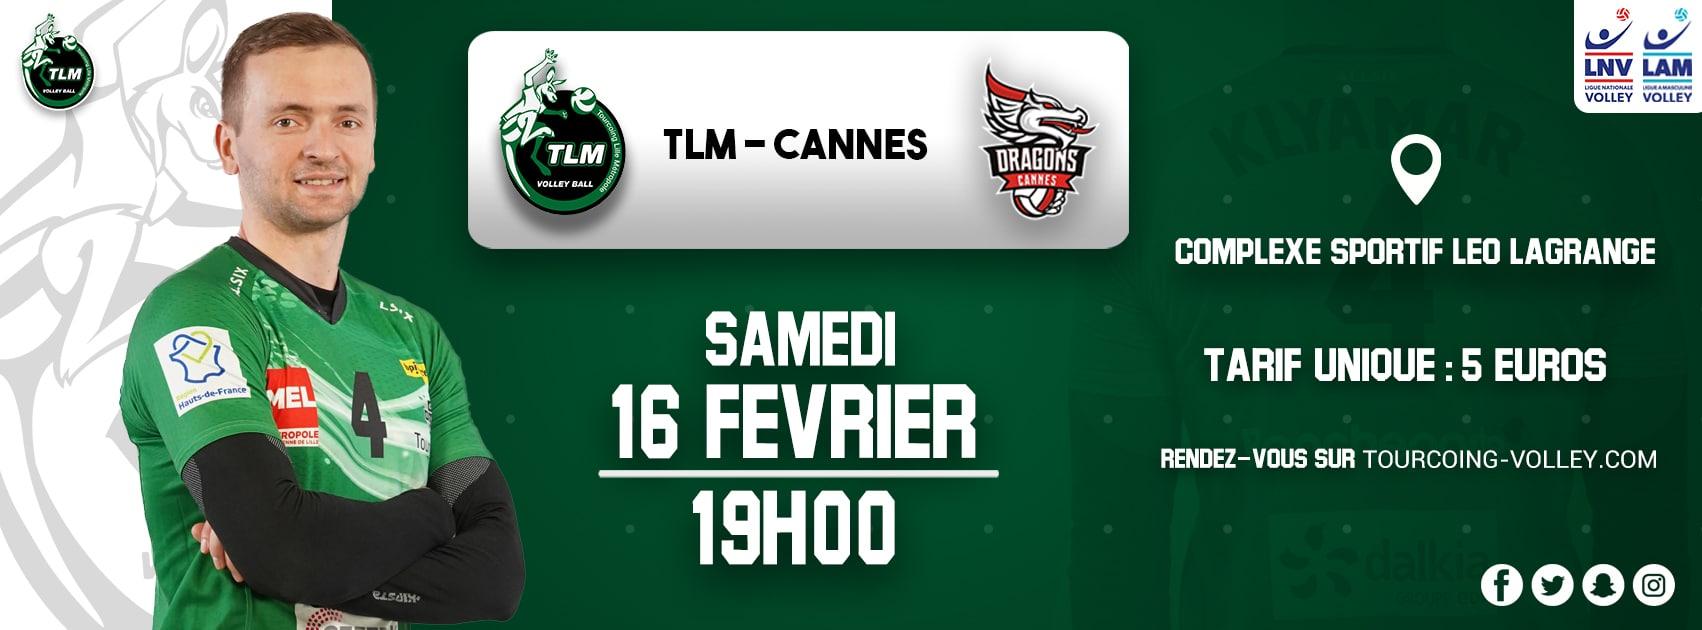 Invitation Match du 16 Février 2019 contre Cannes